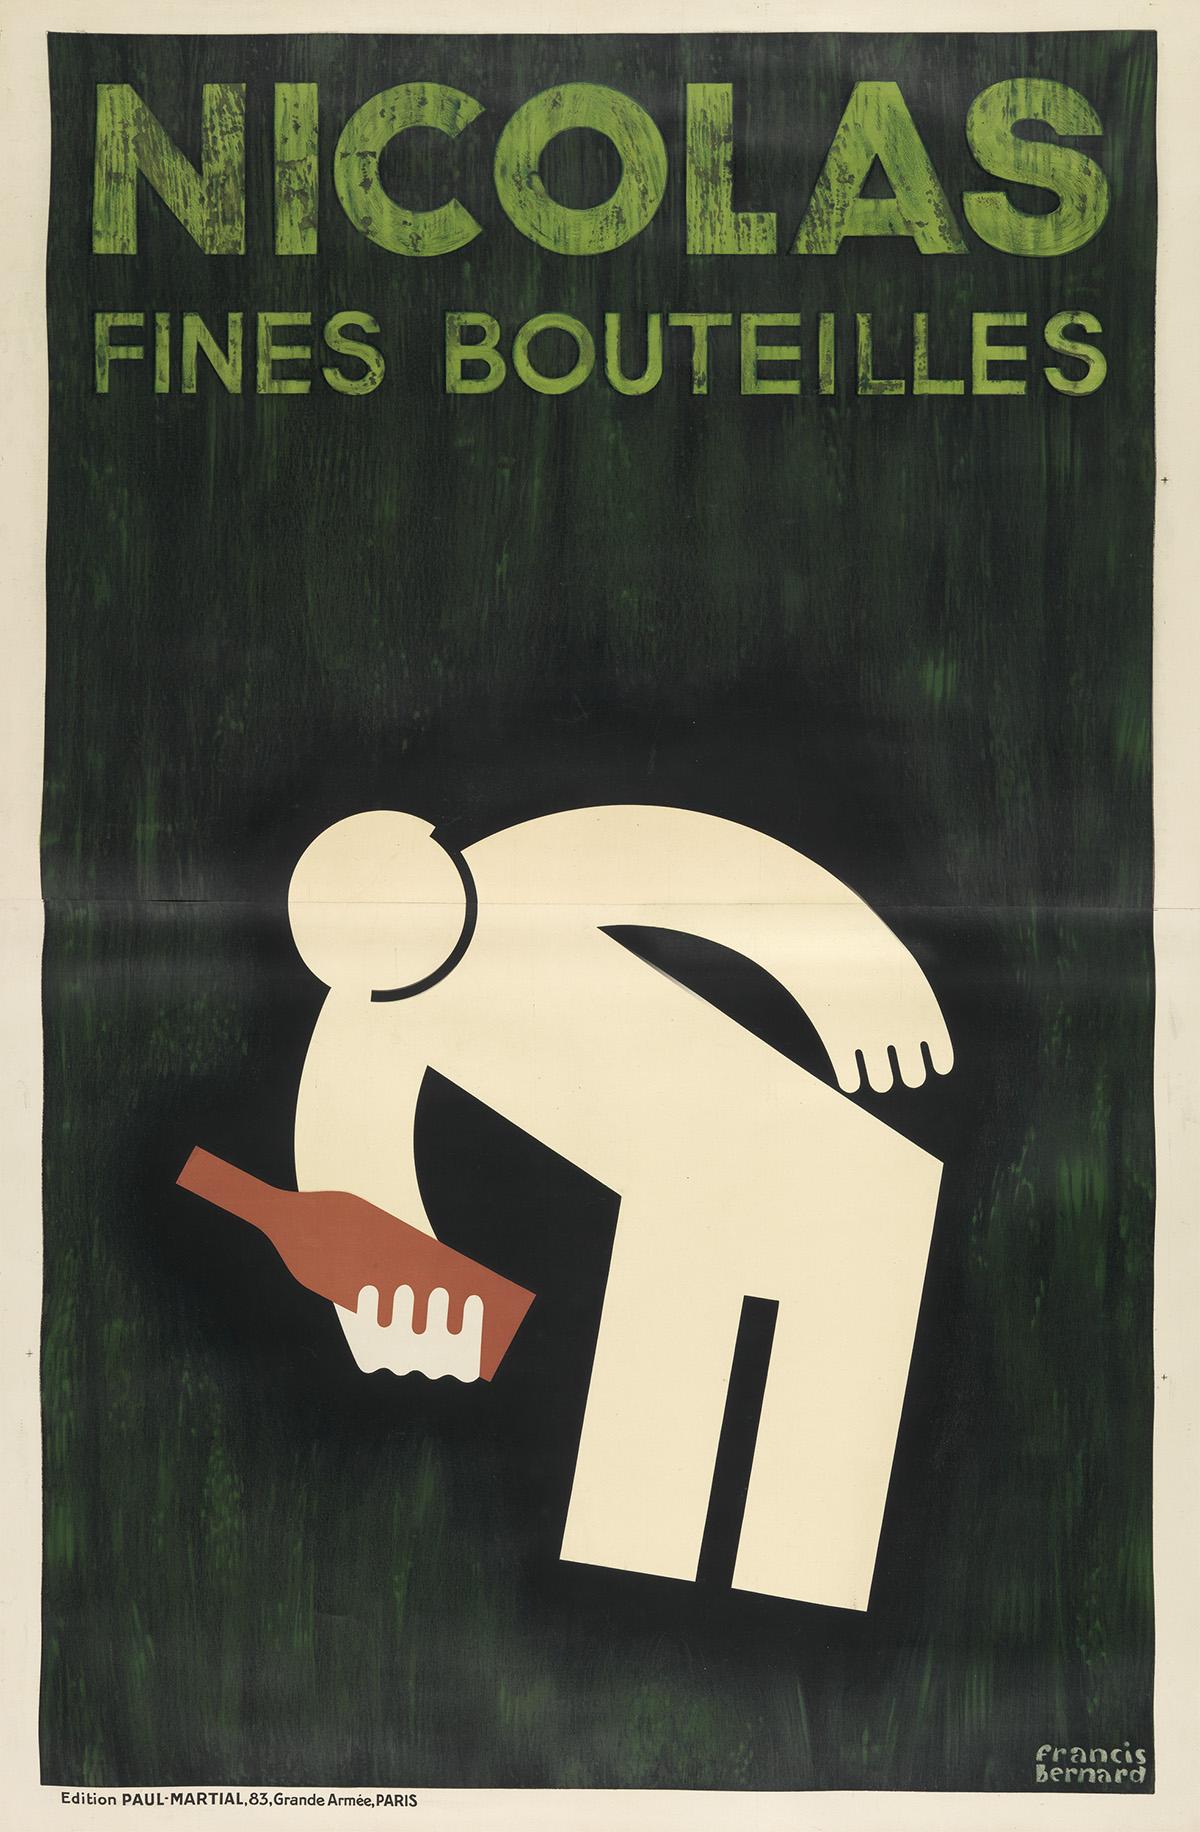 FRANCIS-BERNARD-(1900-1979)-NICOLAS-FINES-BOUTEILLES-1930-89x59-inches-226x150-cm-Paul-Martial-Paris